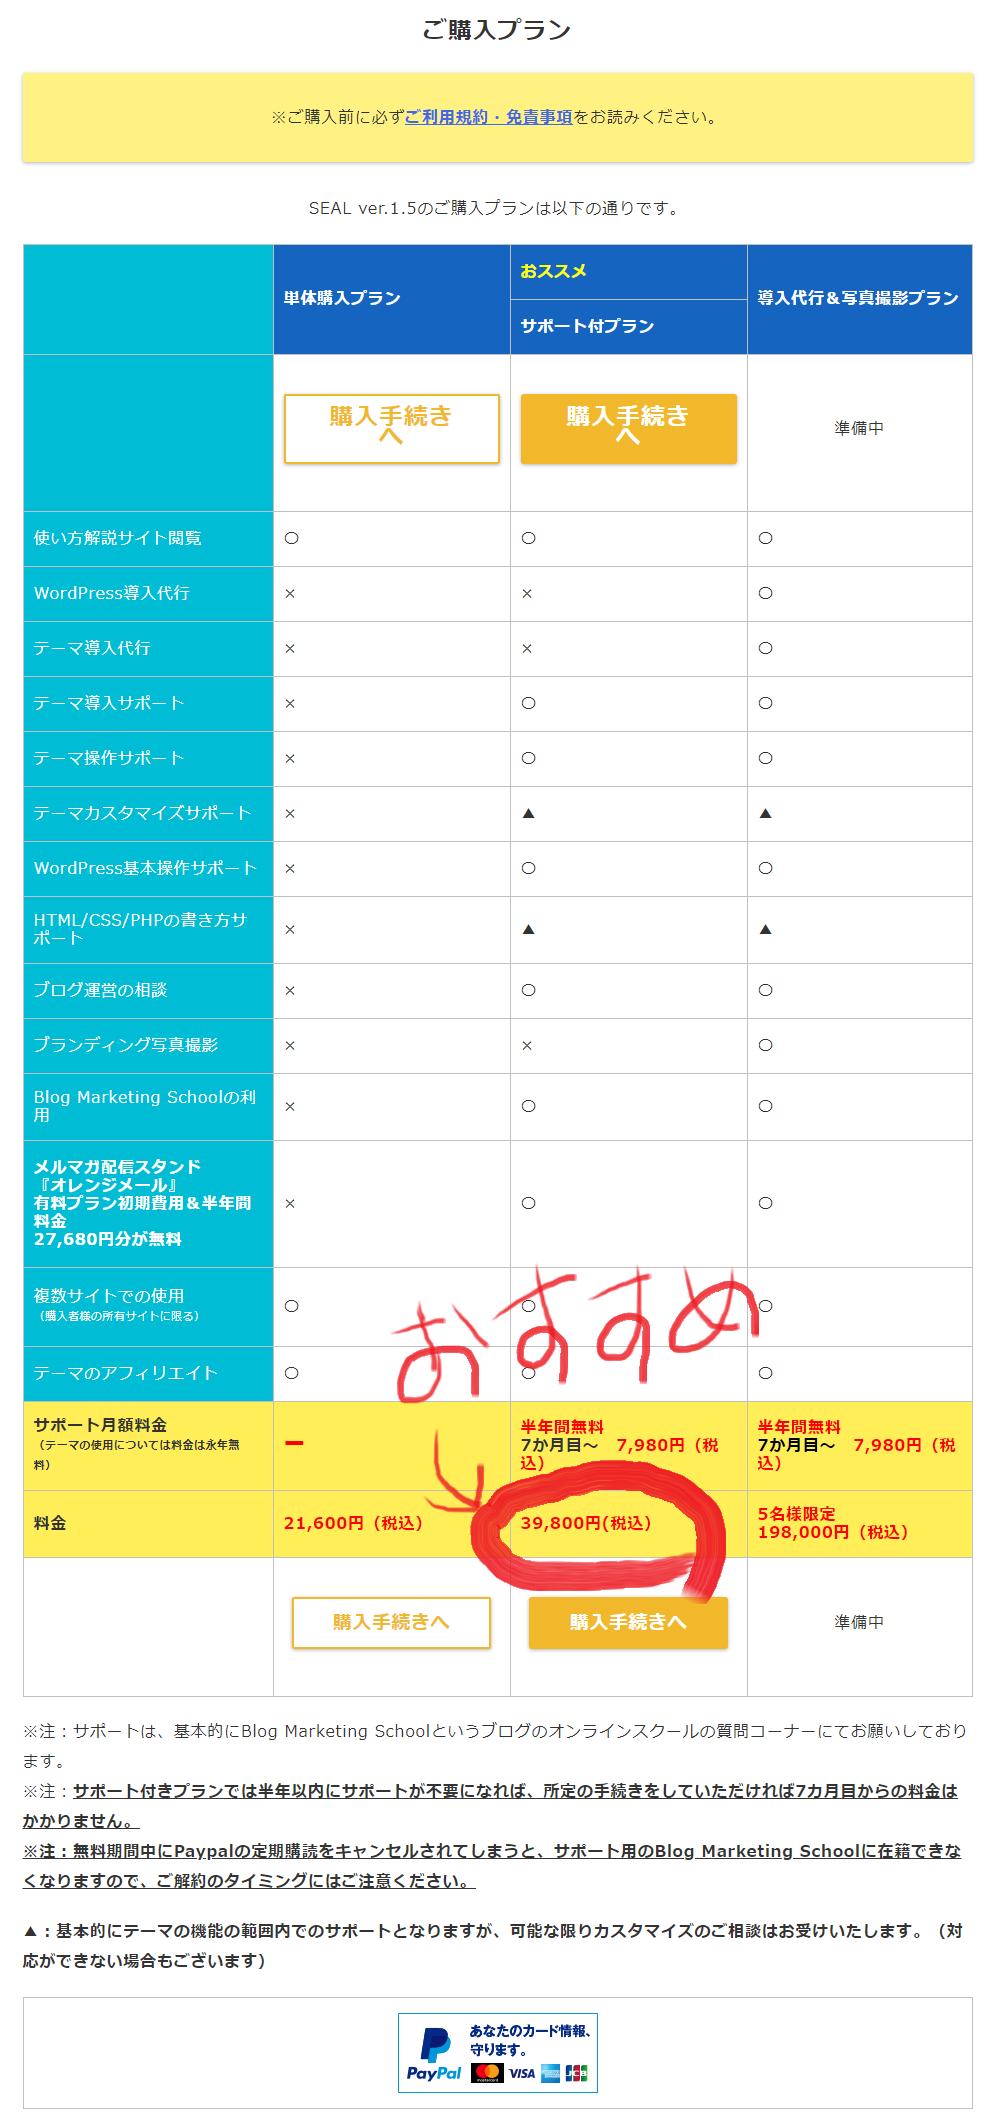 JUNICHIさんのブログマーケティングスクールの費用